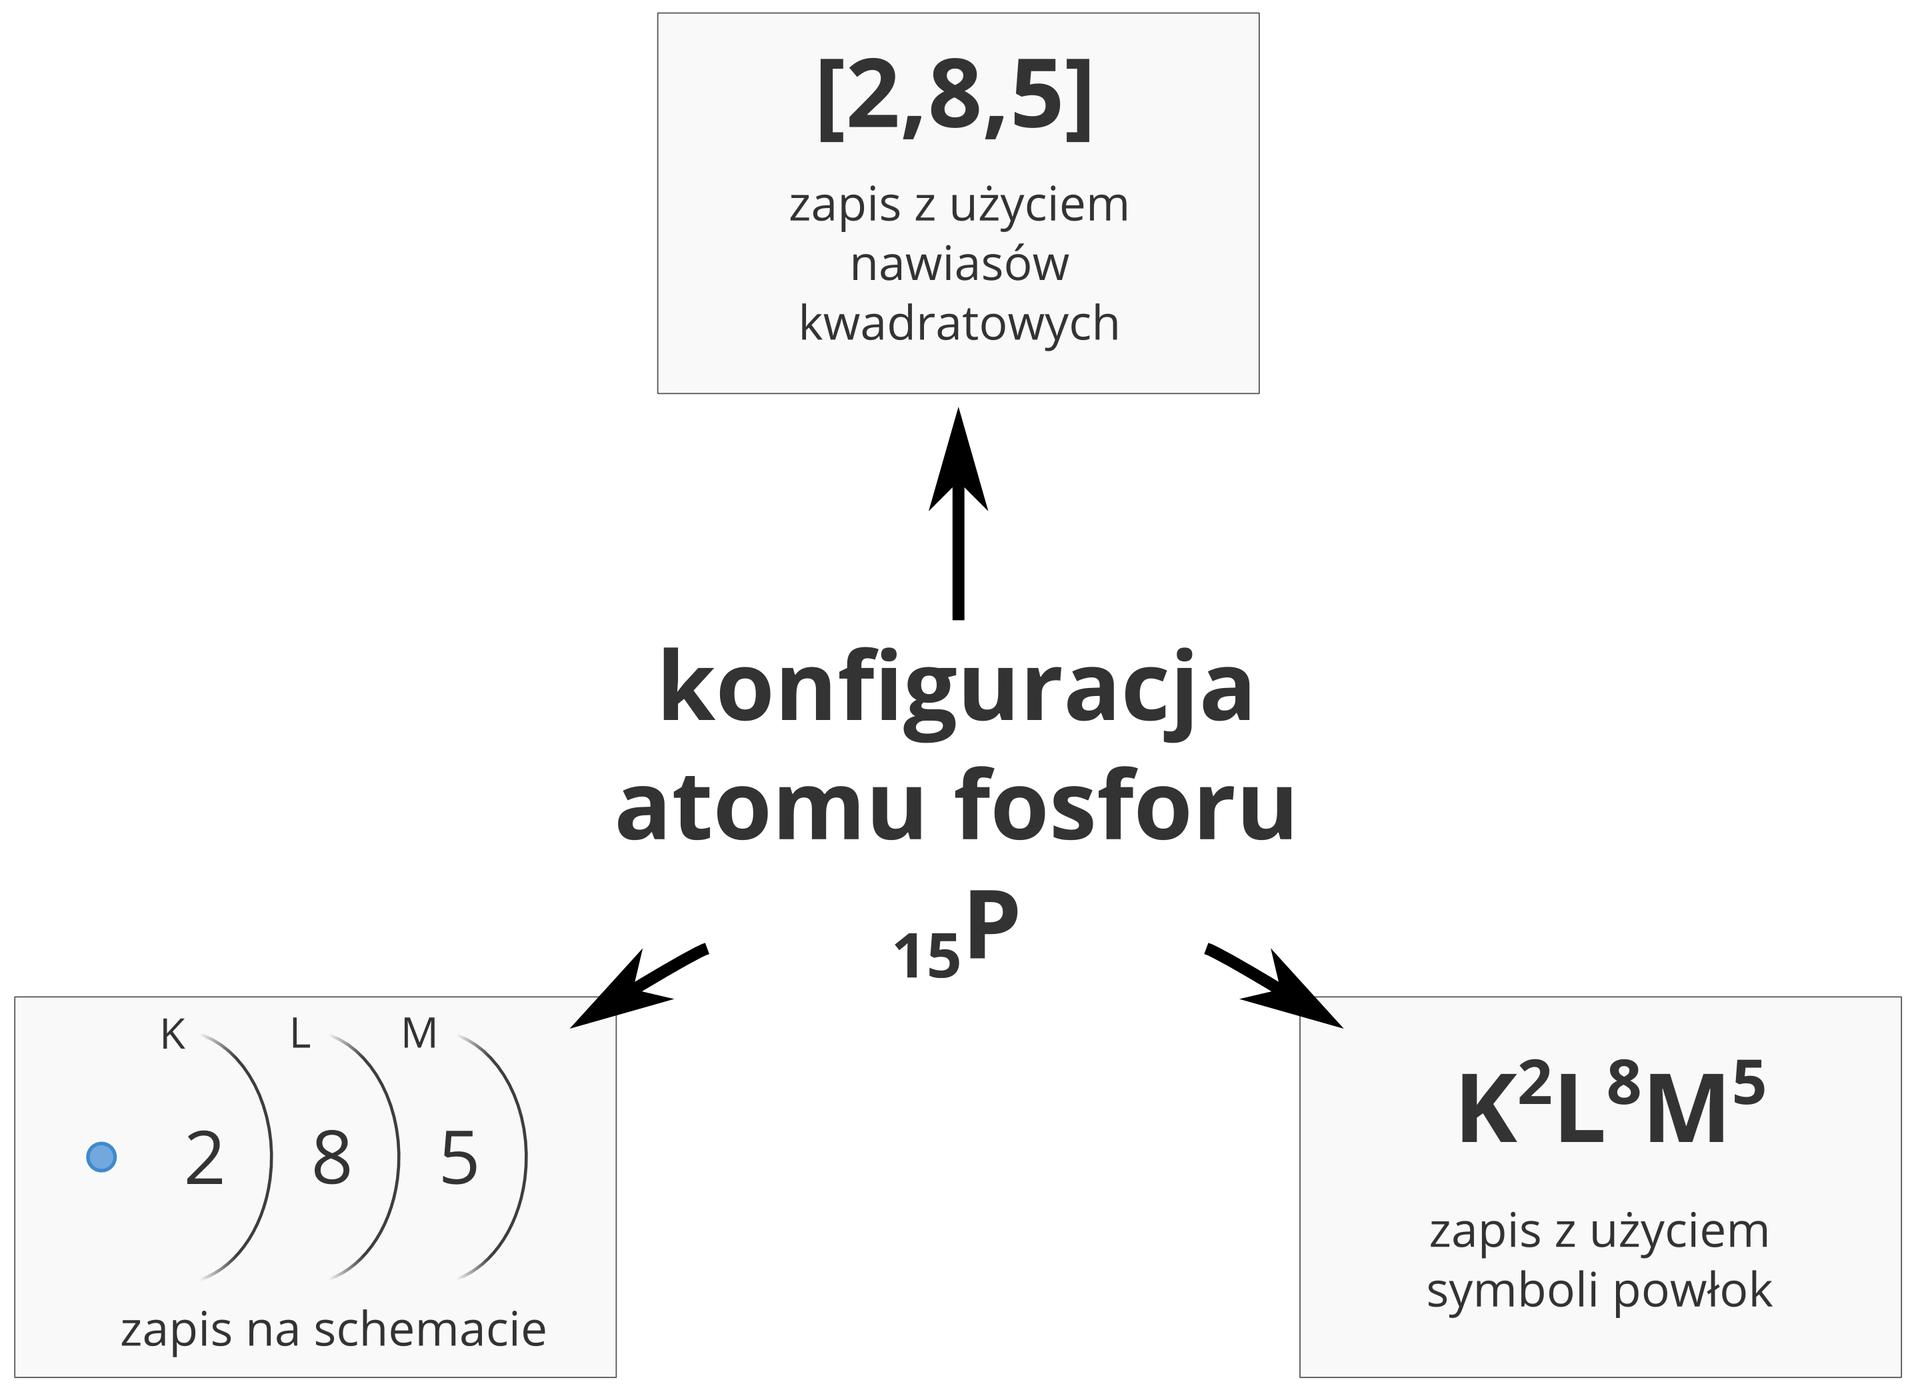 Ilustracja przedstawia trzy sposoby zapisu konfiguracji elektronowej na przykładzie atomu fosforu oliczbie atomowej 15. Centralną część infografiki zajmuje napis Konfiguracja atomu fosforu, od którego wiodą trzy strzałki. Strzałka wgórę prowadzi do pola zzapisem zakładającym użycie nawiasów kwadratowych. Zapis ten wprzypadku fosforu ma postać [2,8,5]. Strzałka wiodąca wlewo iwdół prowadzi do pola zawierającego schemat graficzny zniebieską kropką symbolizującą jądro oraz wycinkami okręgów oznaczonymi kolejno literami K, LiMoraz liczbami 2, 8 i5 oznaczającymi nazwę kolejnych powłok oraz liczbę elektronów na nich. Strzałka wiodąca wprawo iwdół prowadzi do pola zawierającego zapis zużyciem symboli powłok. Ma on postać ciągu K2L8M5, wktórym liczby elektronów na każdej powłoce zapisane są windeksie górnym.